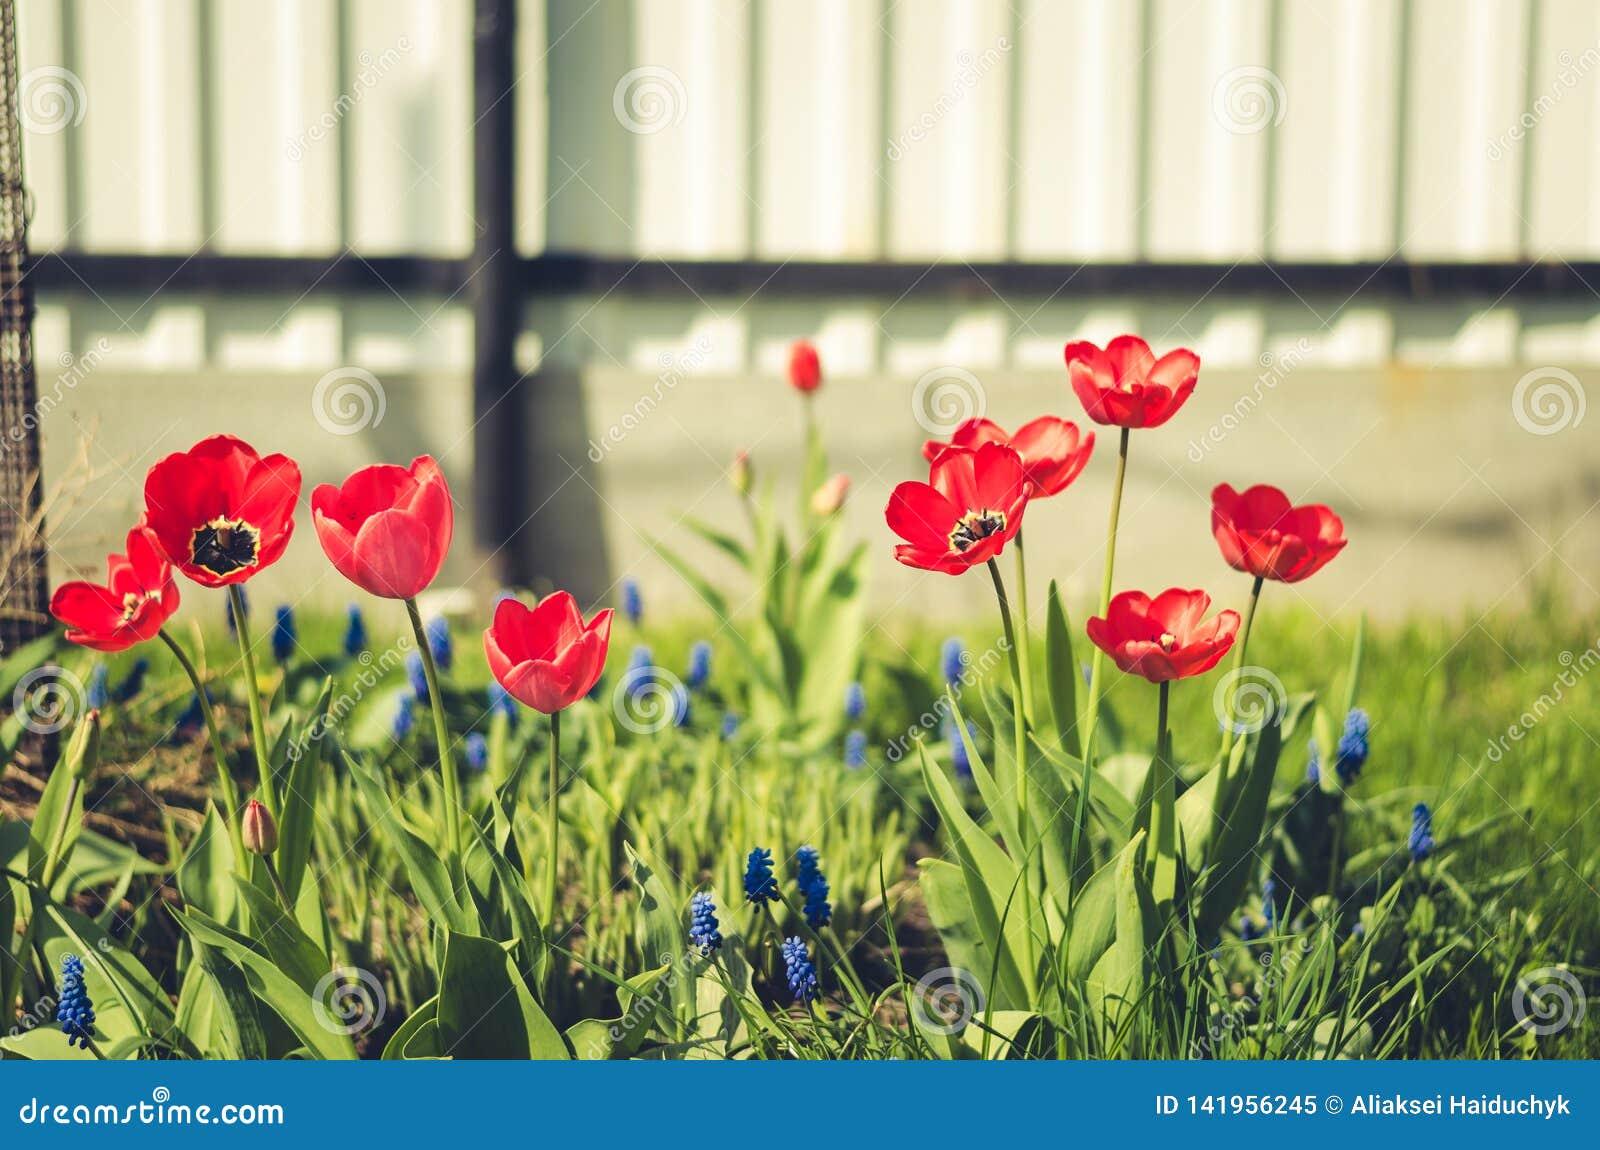 Feldblumentulpe Schöne Naturszene mit blühender roter Tulpe/Sommerblumen Schöne Wiese Wiese voll des gelben Löwenzahns